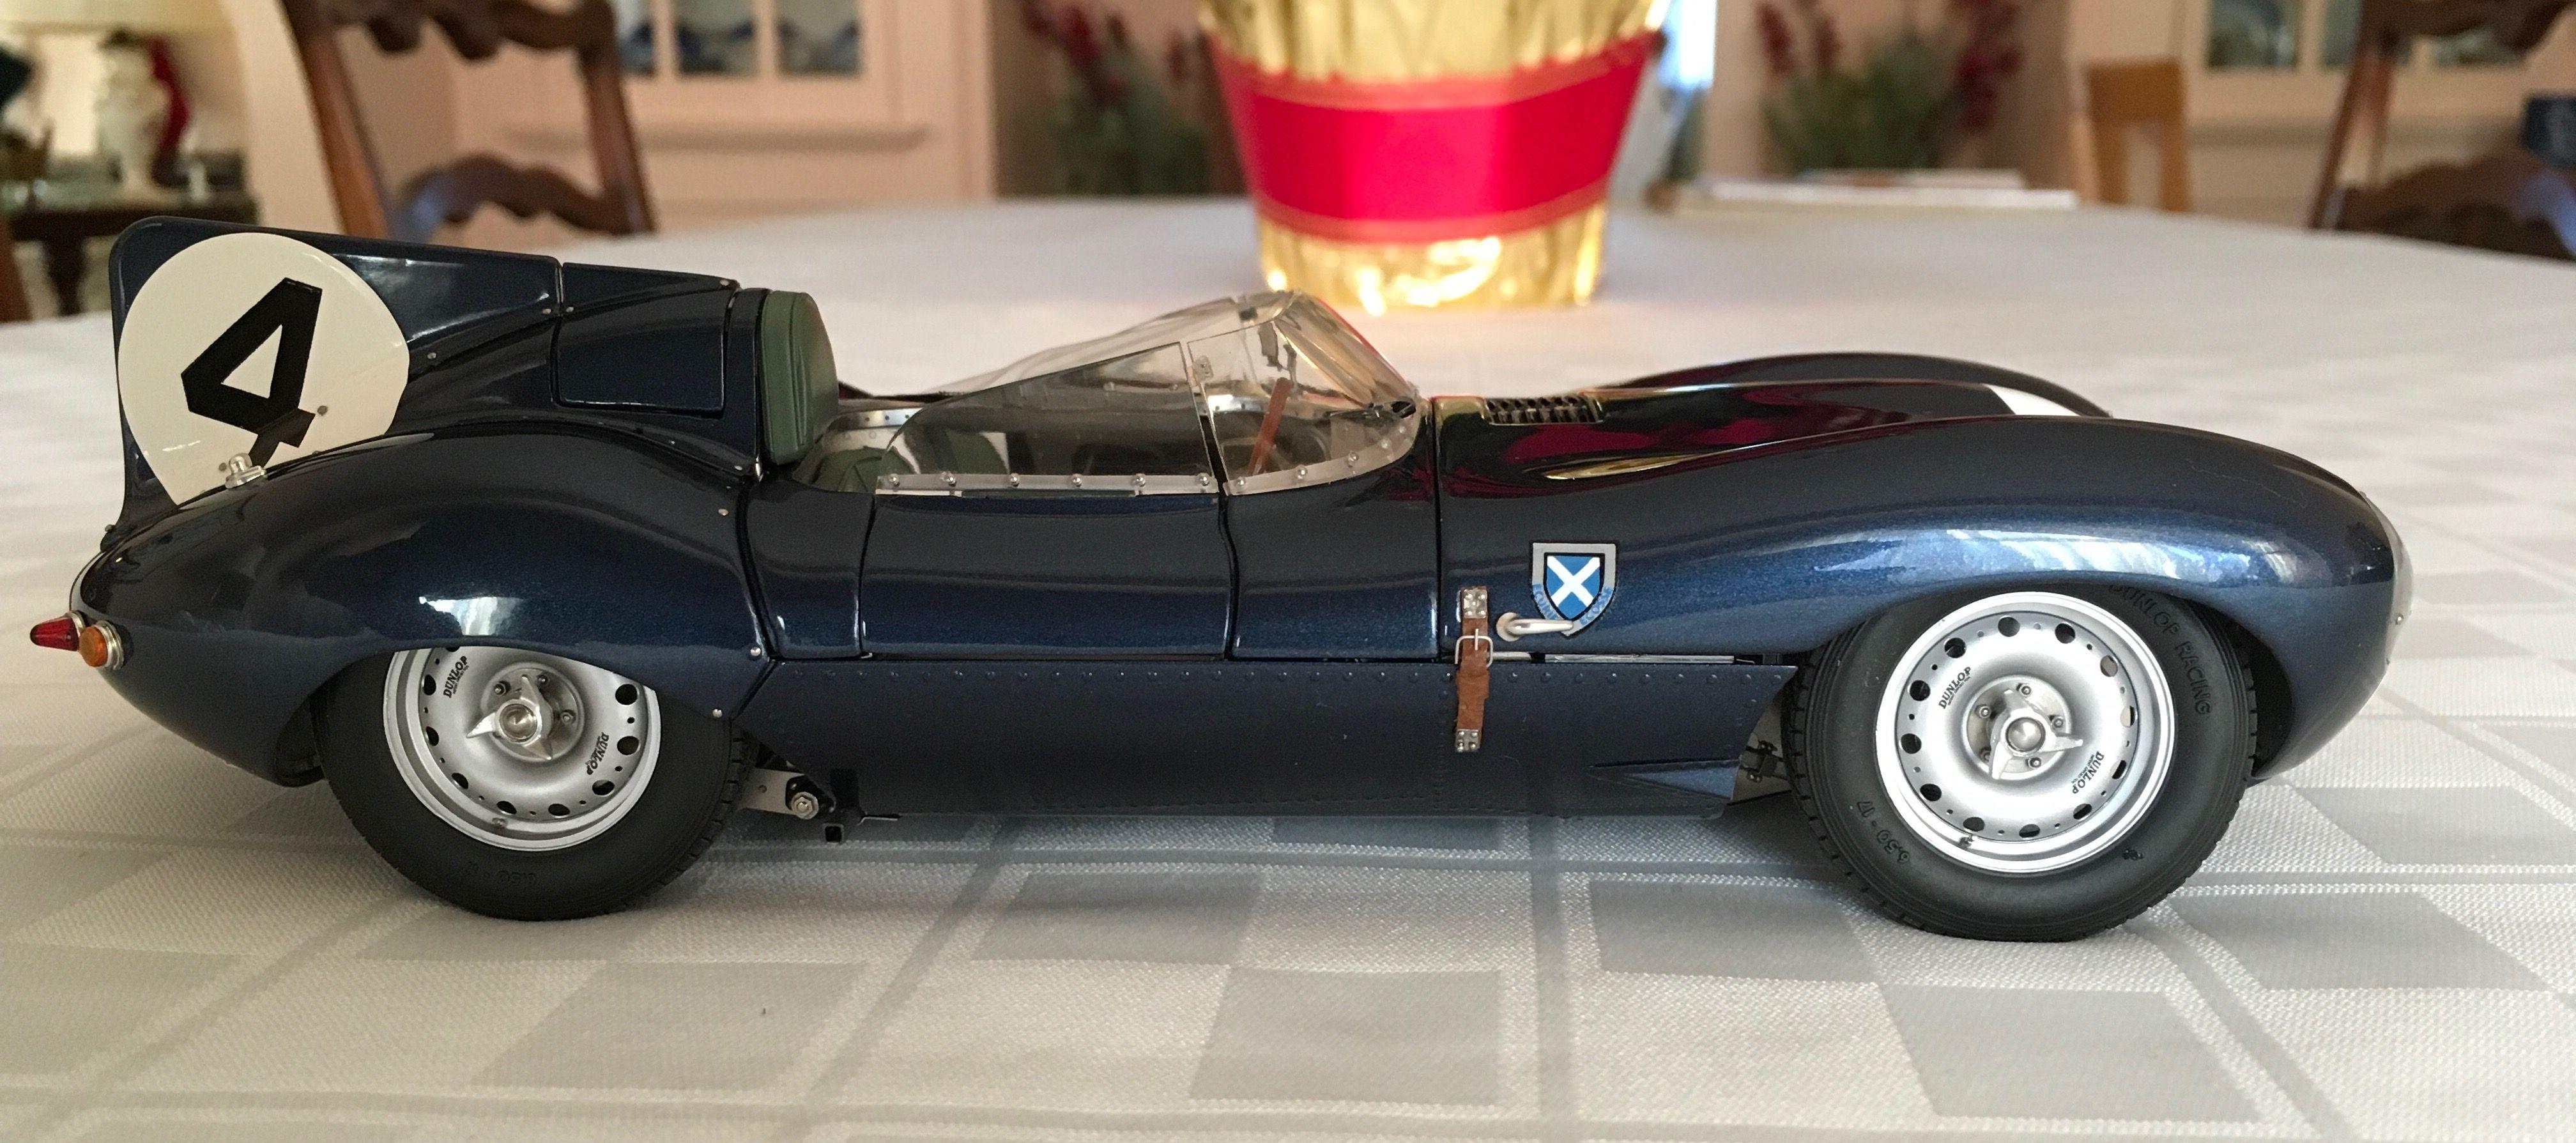 Exoto 1/18 Jaguar D type 1956 Le Mans winner | Scale Models | Scale